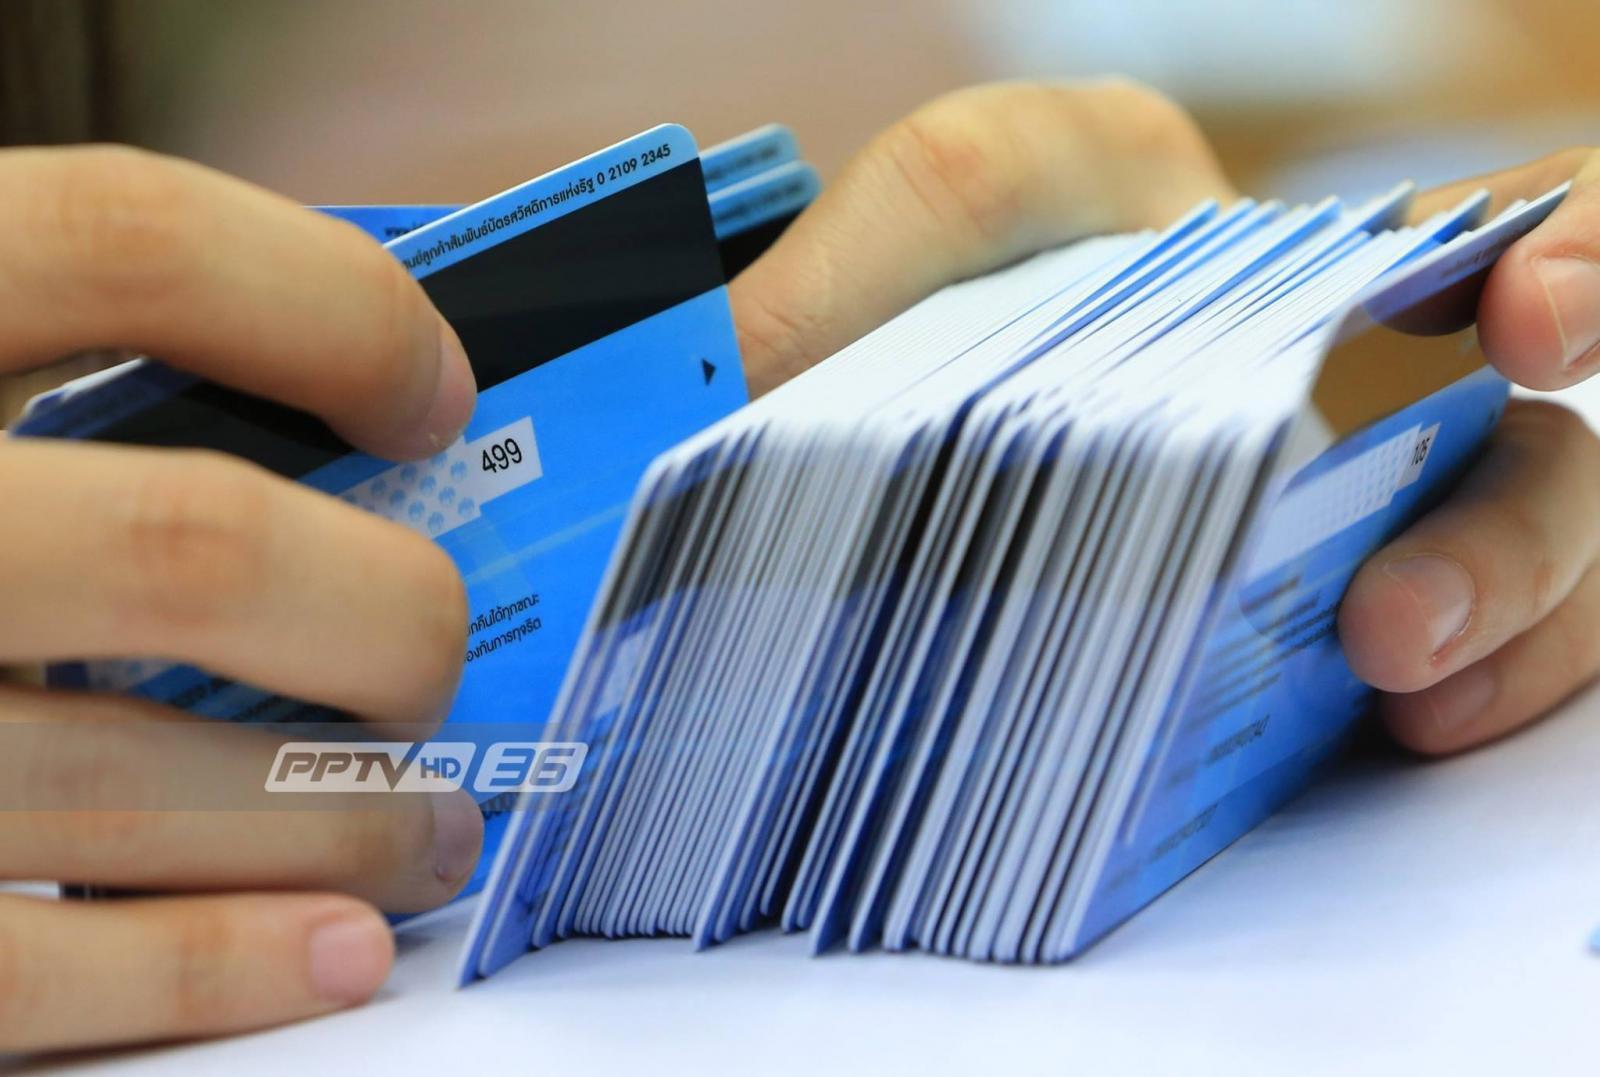 ครม.อนุมัติมาตรการเพิ่มวงเงินจูงใจ บัตรสวัสดิการแห่งรัฐเฟส 2